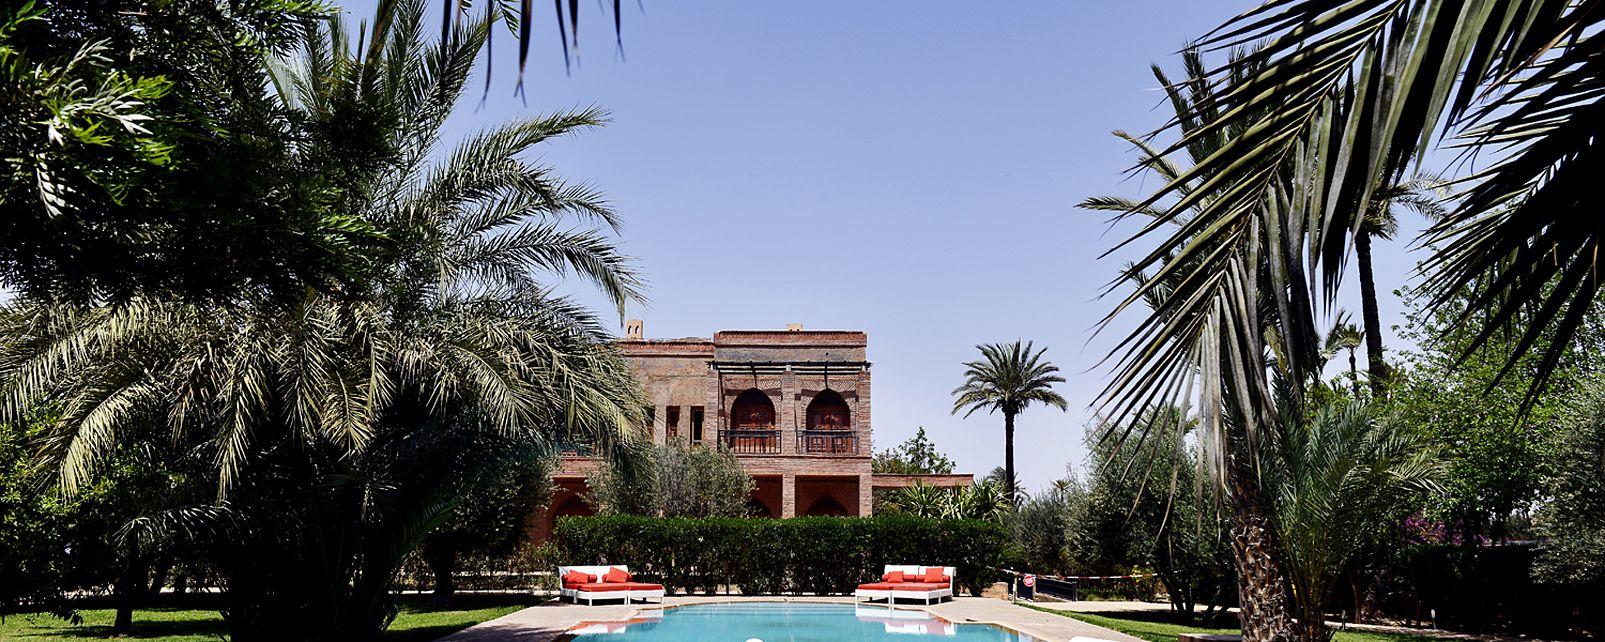 Hotel Murano Resort